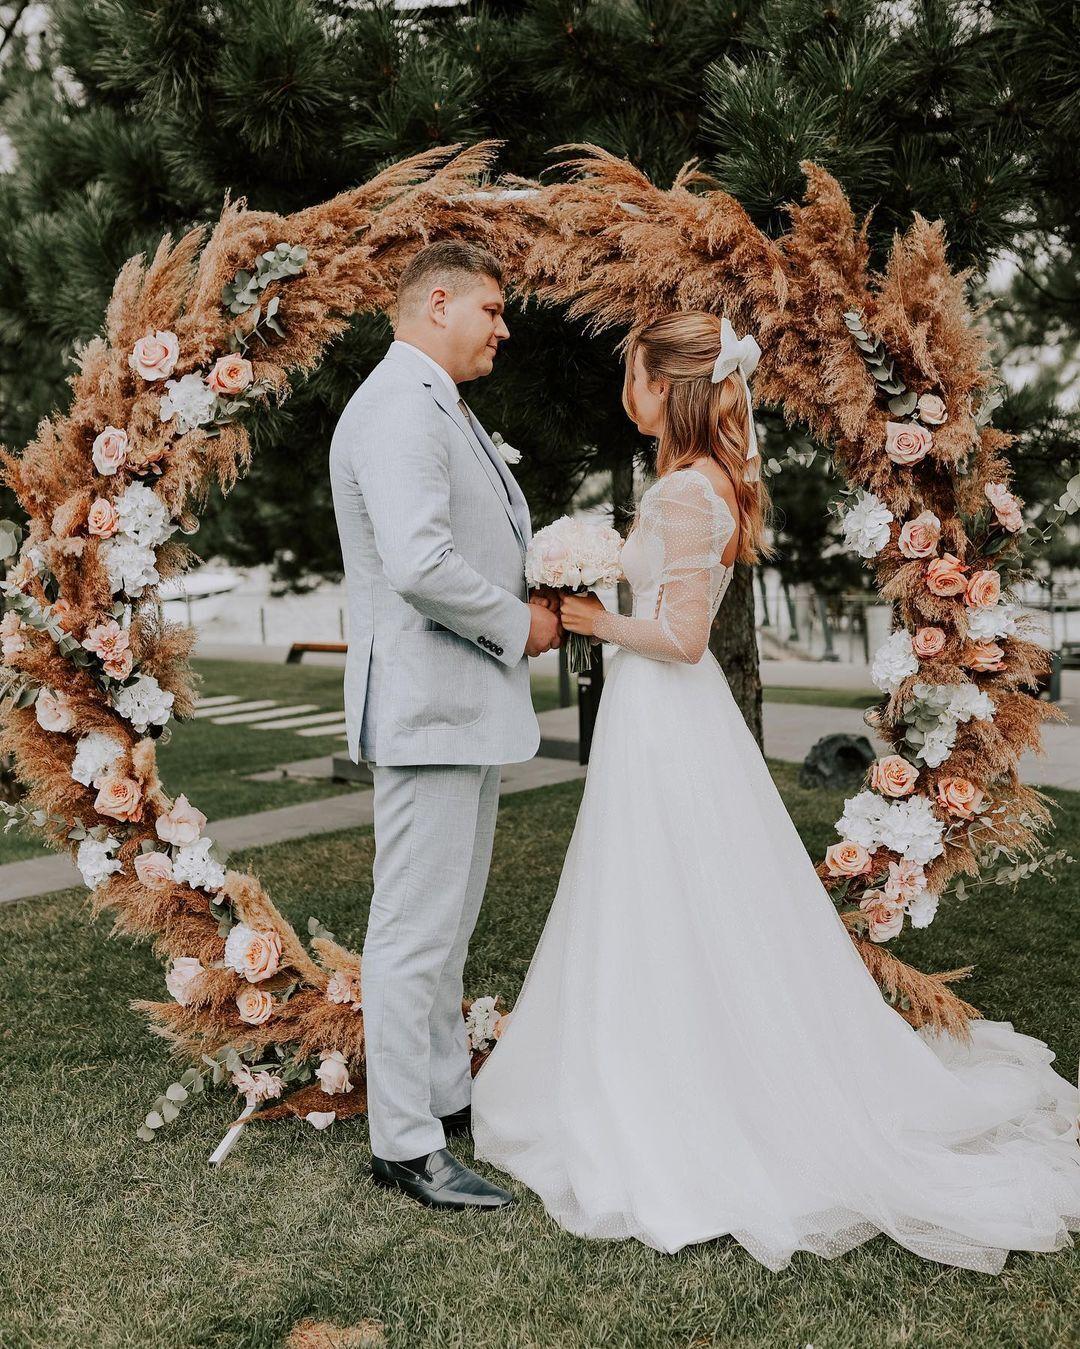 Зинченко и Соколюк в свадебных образах